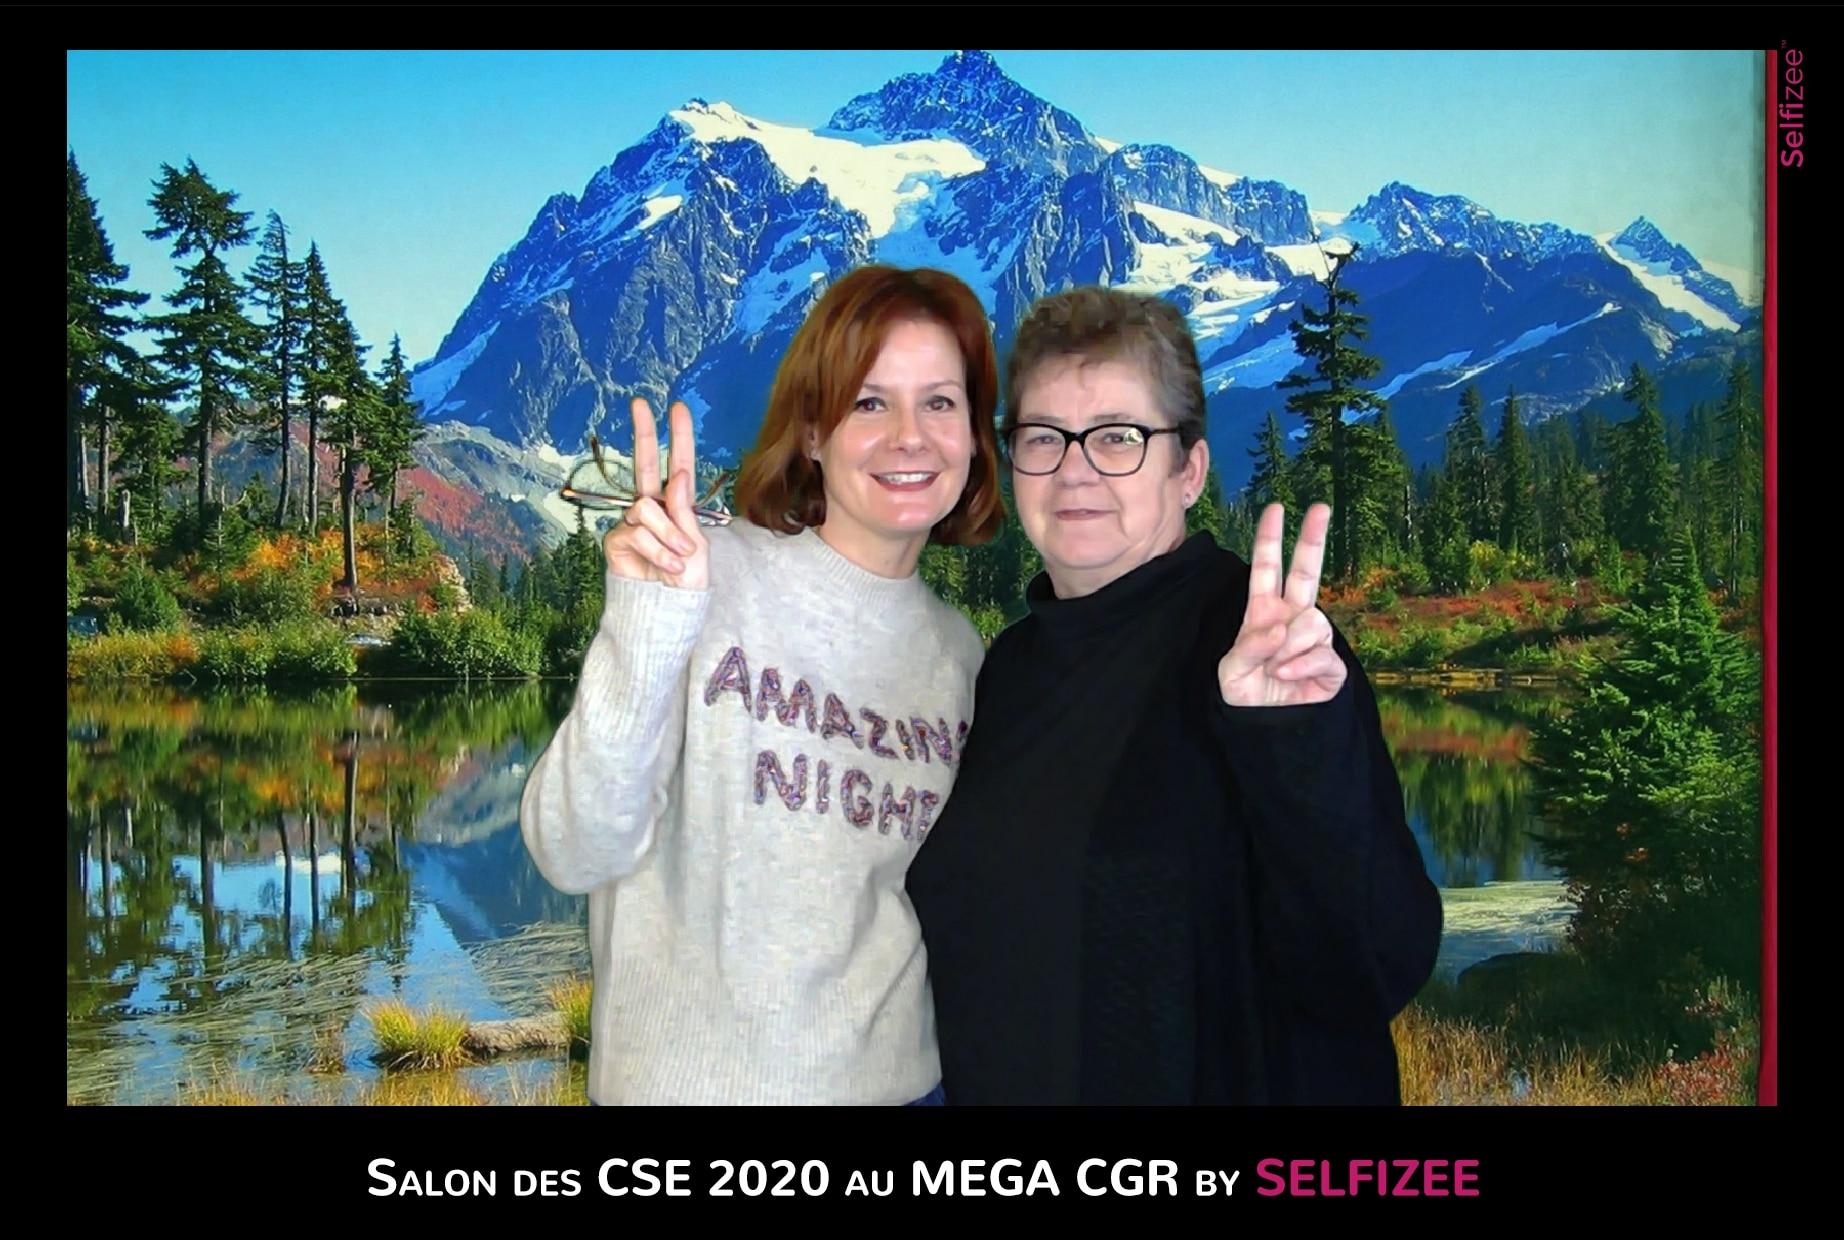 Borne selfie et animation fond vert au salon des CSE Le Mans 2020 au cinéma CGR avec tirages photos